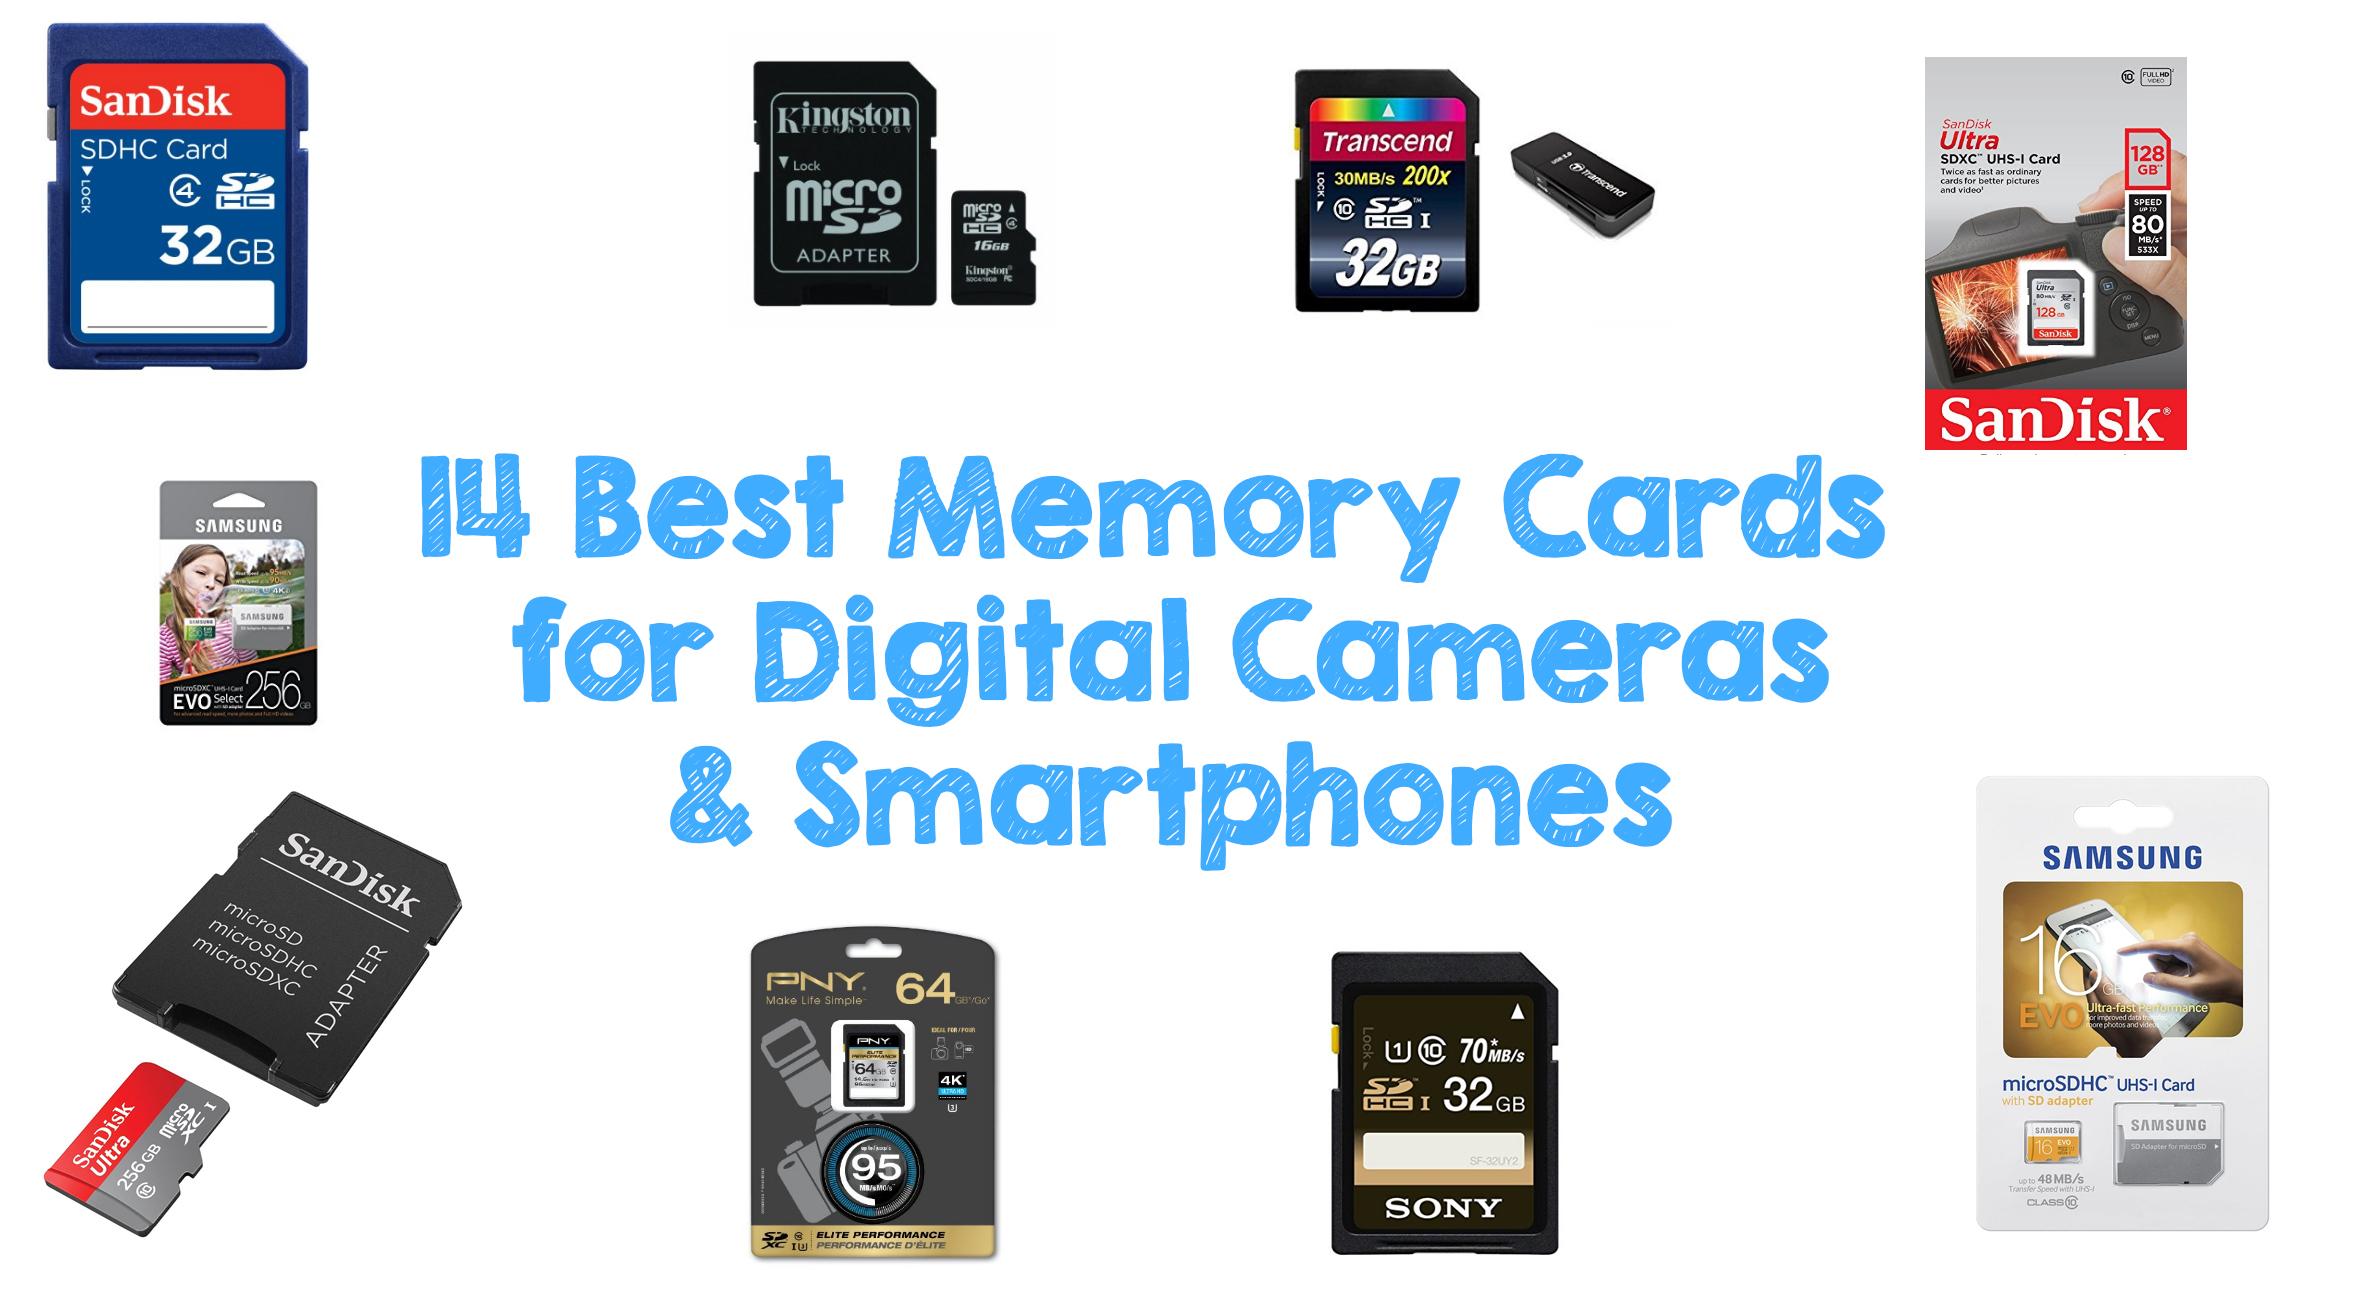 14 Best Memory Cards for Digital Cameras & Smartphones